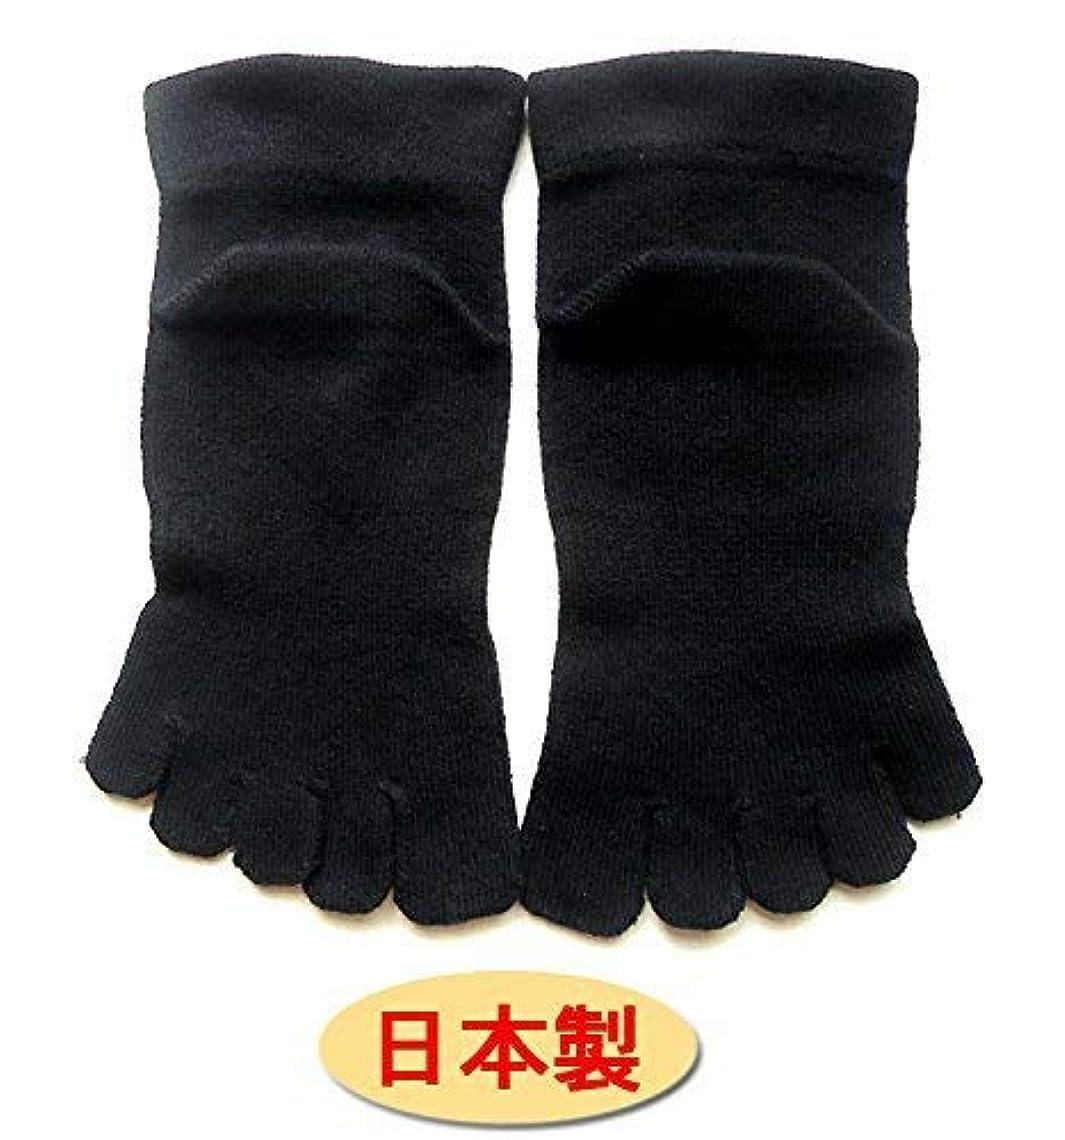 平和的プレゼンフィード日本製 5本指ソックス レディース 爽やか表綿100% 口ゴムゆったり 22-24cm 3足組(黒色)